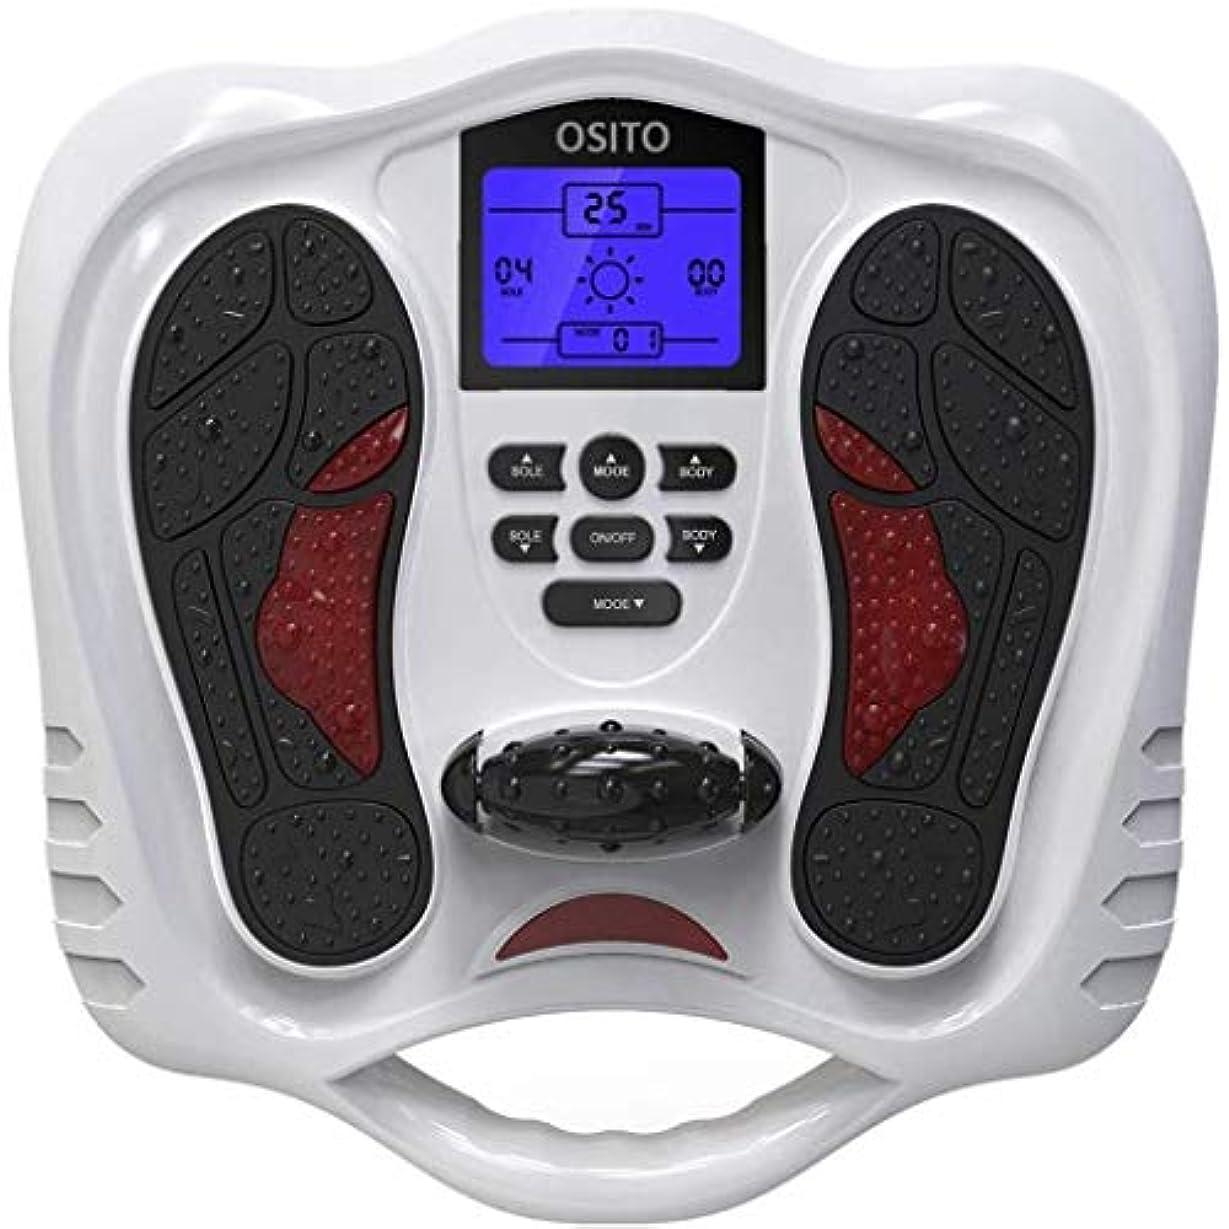 スライム一瞬アラートフットマッサージャー、家庭用鍼治療用フットマッサージマシン、足と足の循環マッサージ刺激装置は、血液循環を促進し、足の痛みを和らげます